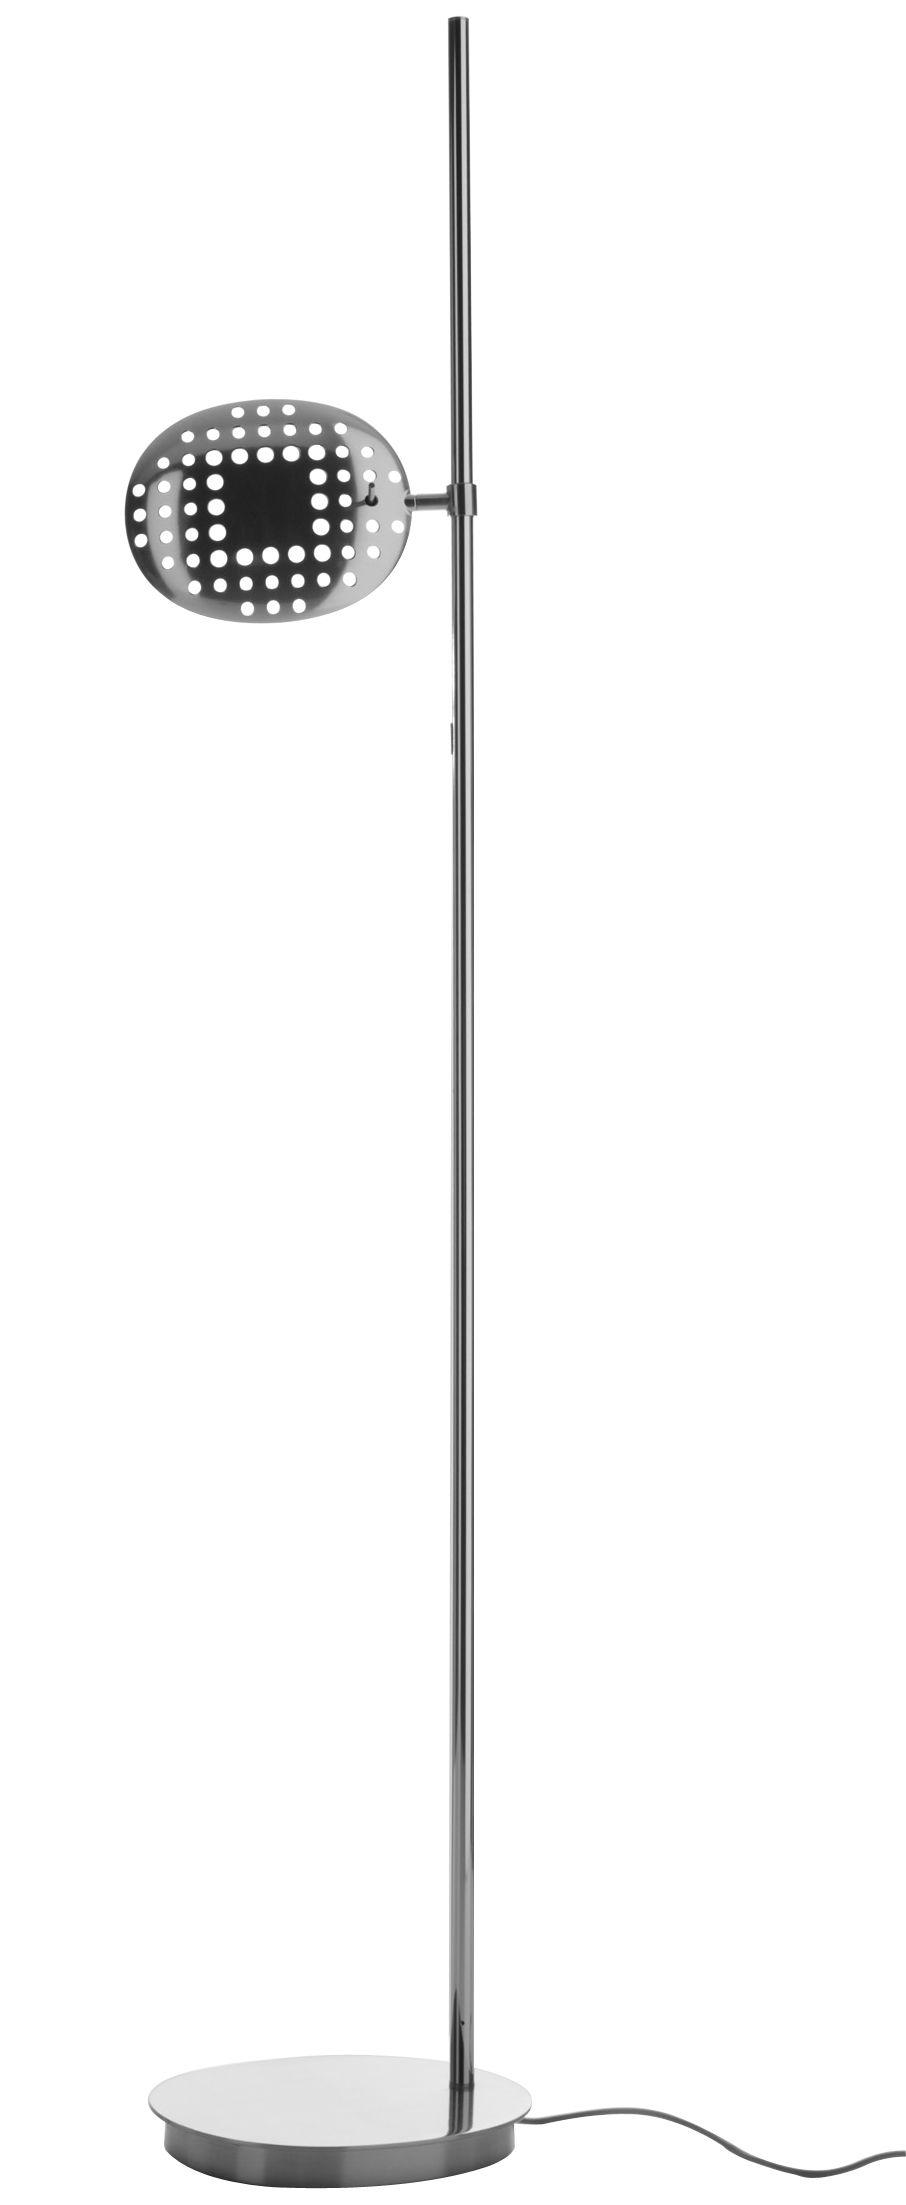 Luminaire - Lampadaires - Lampadaire Reall LED / H 190 cm - Artemide - Chromé - Aluminium brillant